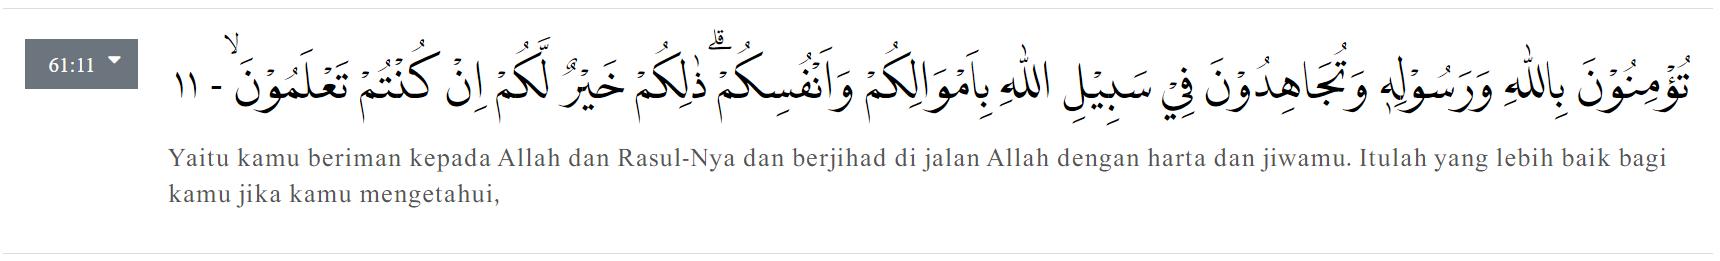 Al-Hujurat ayat 11